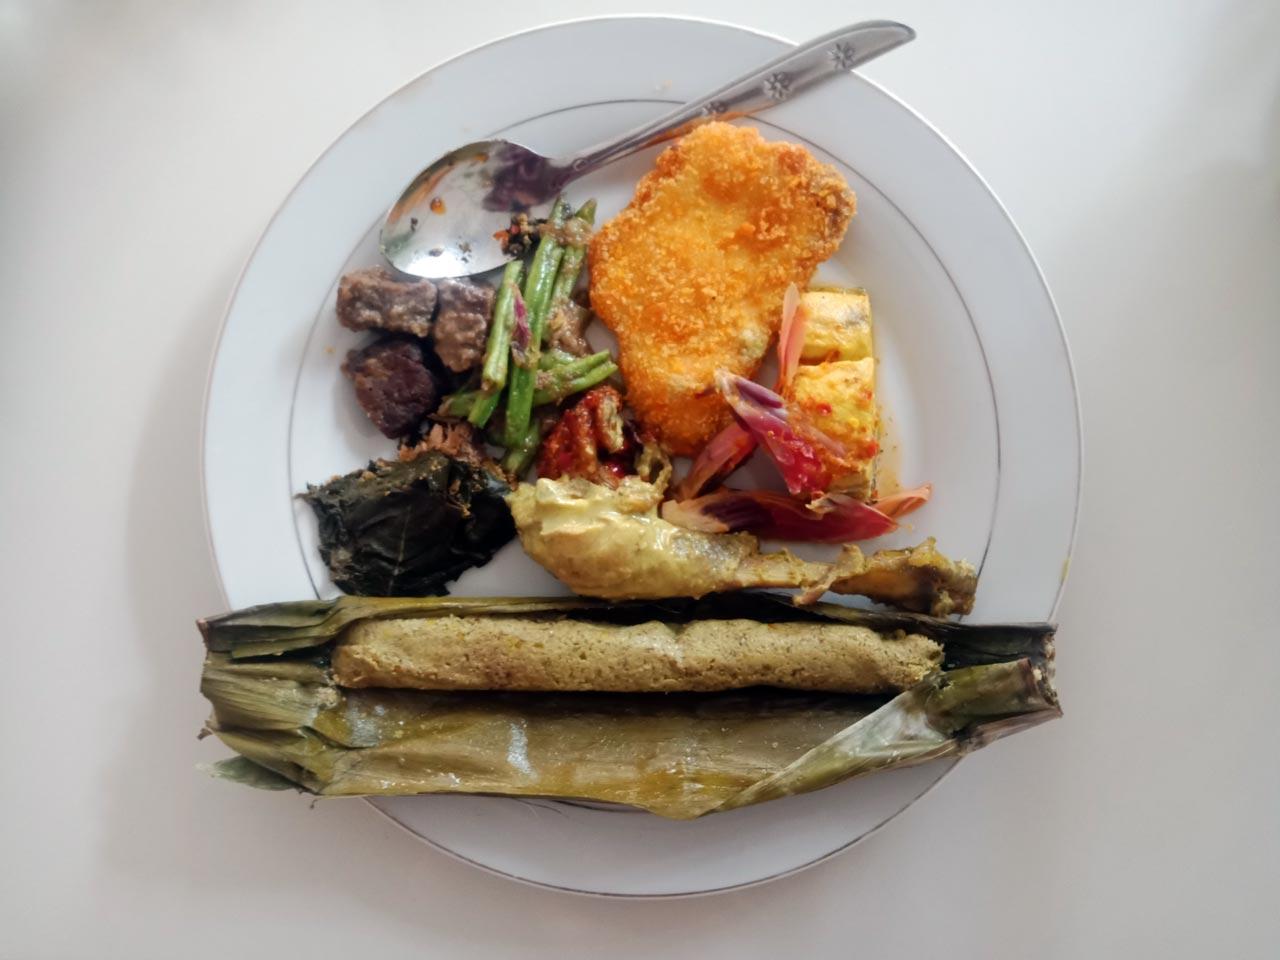 Bekasam Pandap - Makanan Khas Lampung - Rumah Makan Cikwo Prasmanan - kelilinglampung.net - Yopie Pangkey